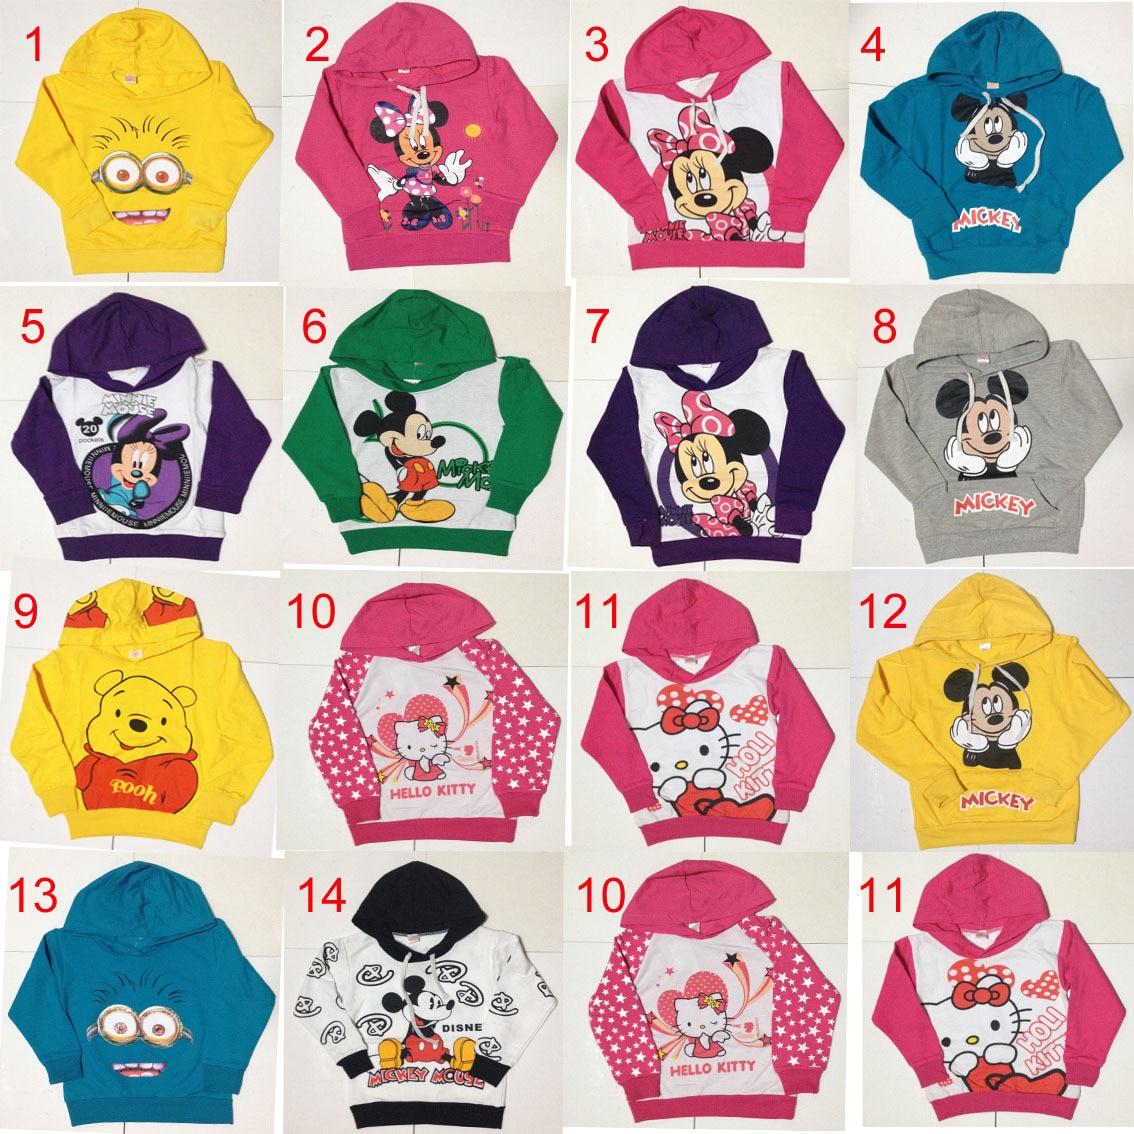 Милый ребенок малыш толстовка пальто с изображением Минни Микки костюм пальто с капюшоном для 2-7 лет дети маленькие верхняя одежда для маль...